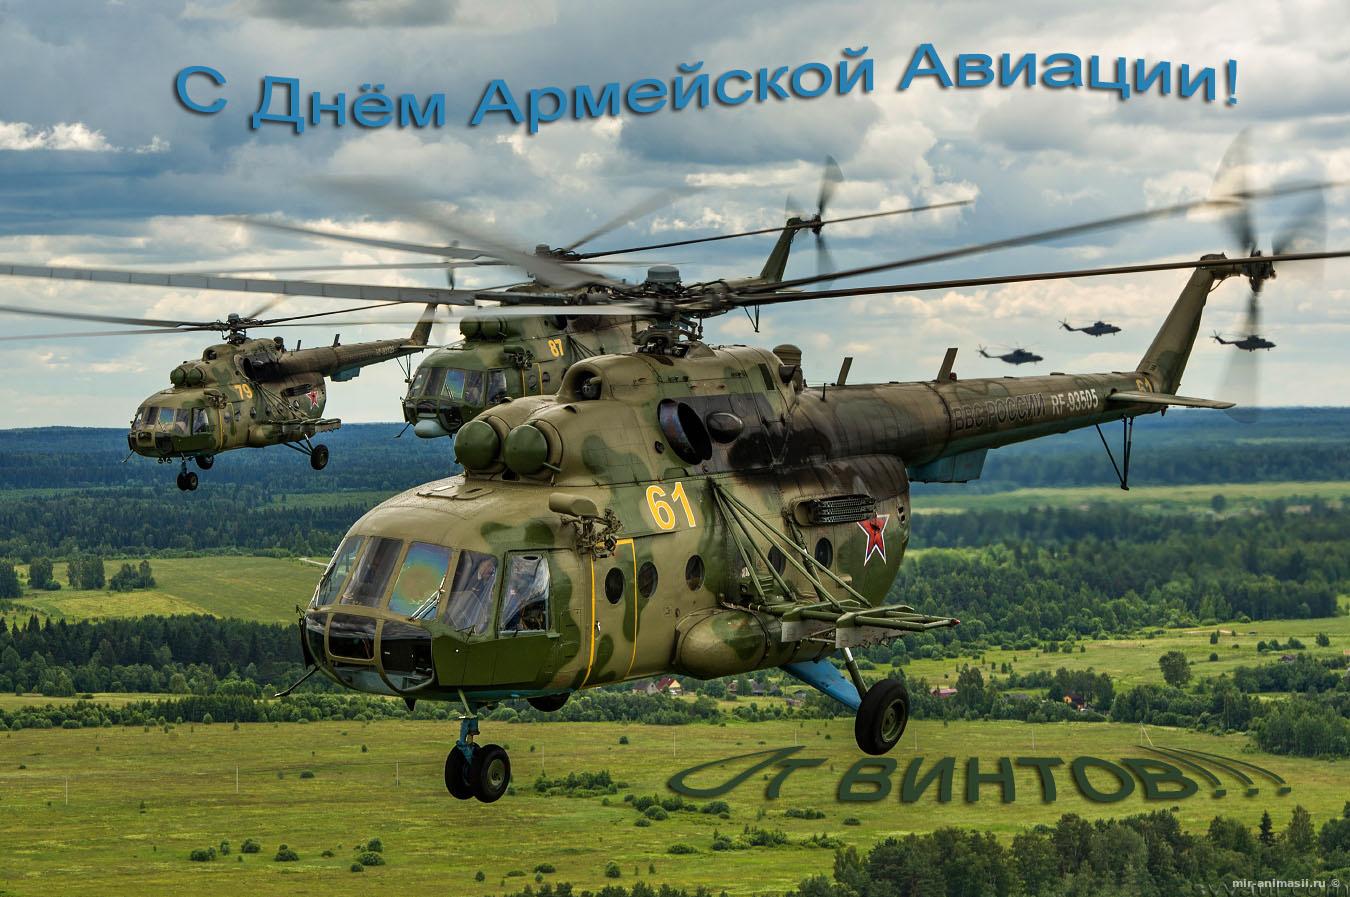 Открытки. День армейской авиации!  28 октября. Поздравляю вас